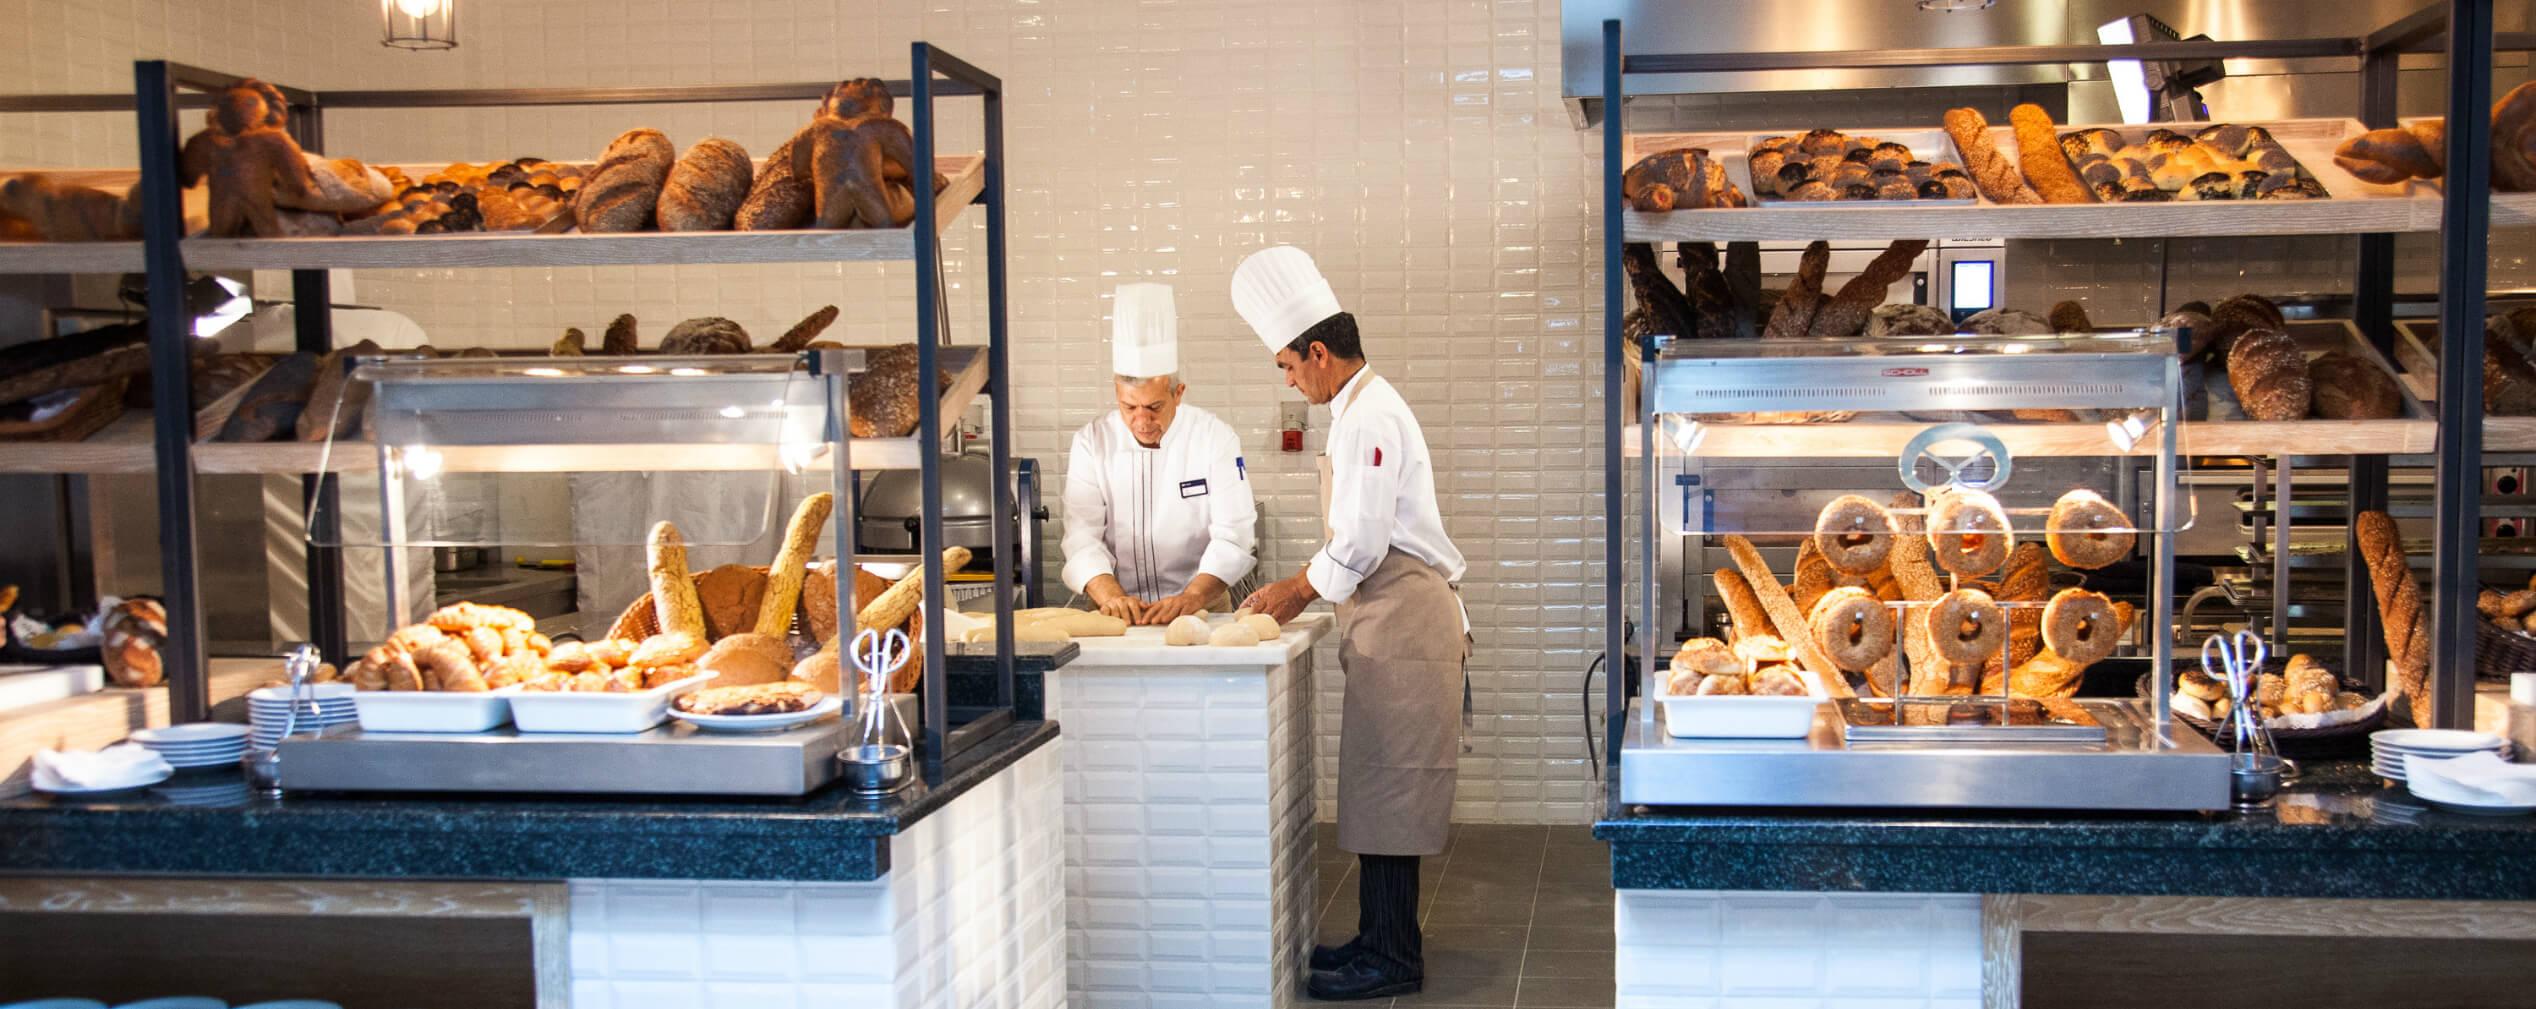 Hausbäckerei Bäcker Brot TUI Blue